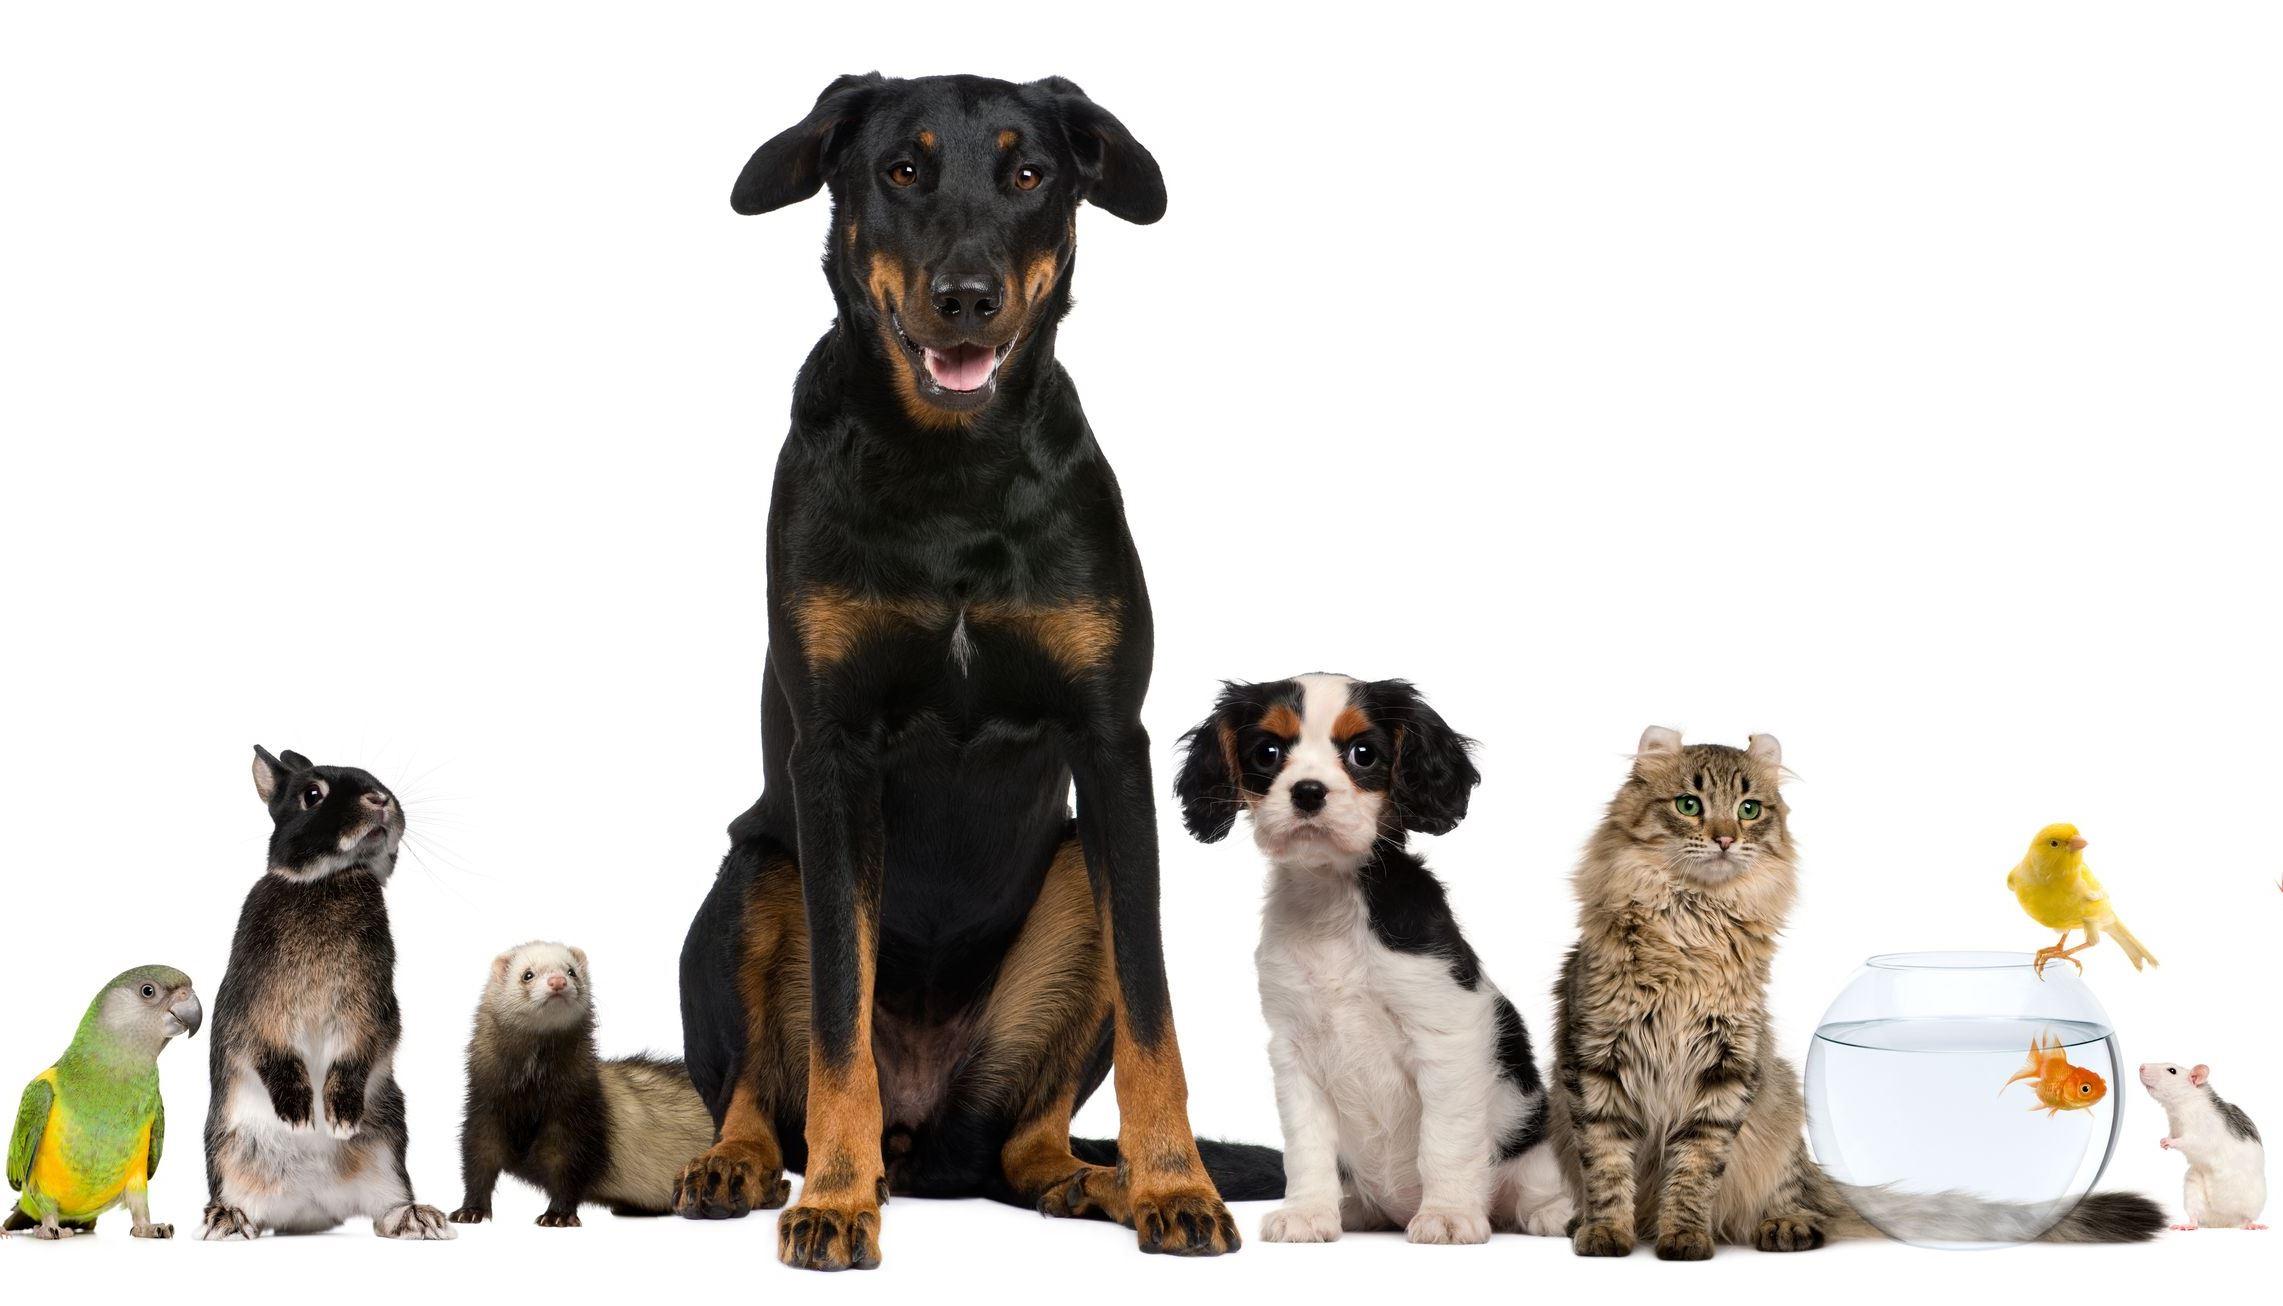 Emosurf. Com: рекомендательная сеть эмоционального контента. Дети и домашние животные: все счастливы!. (фото).